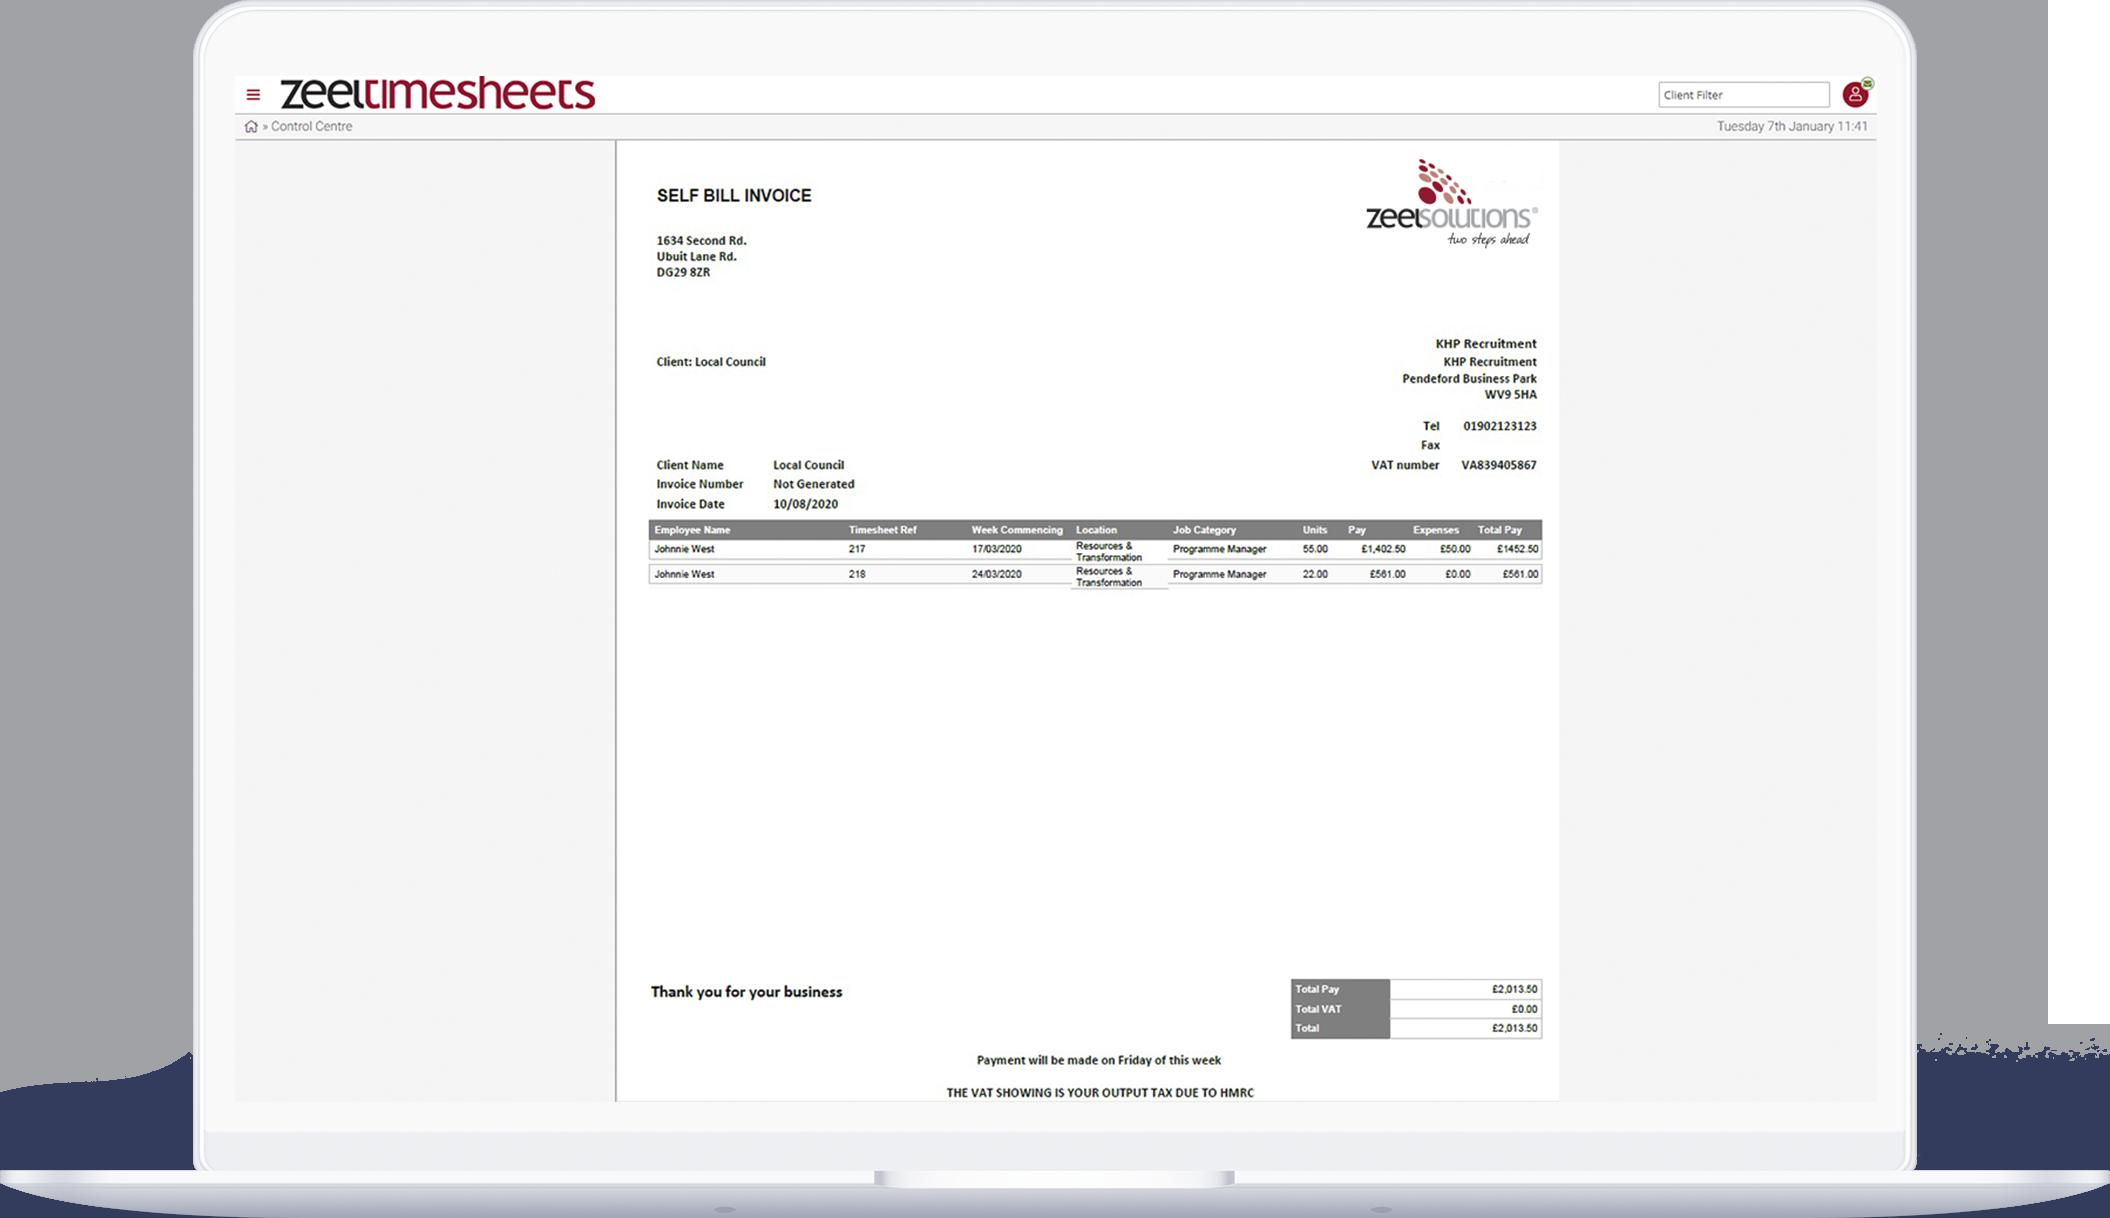 Zeel invoice preview